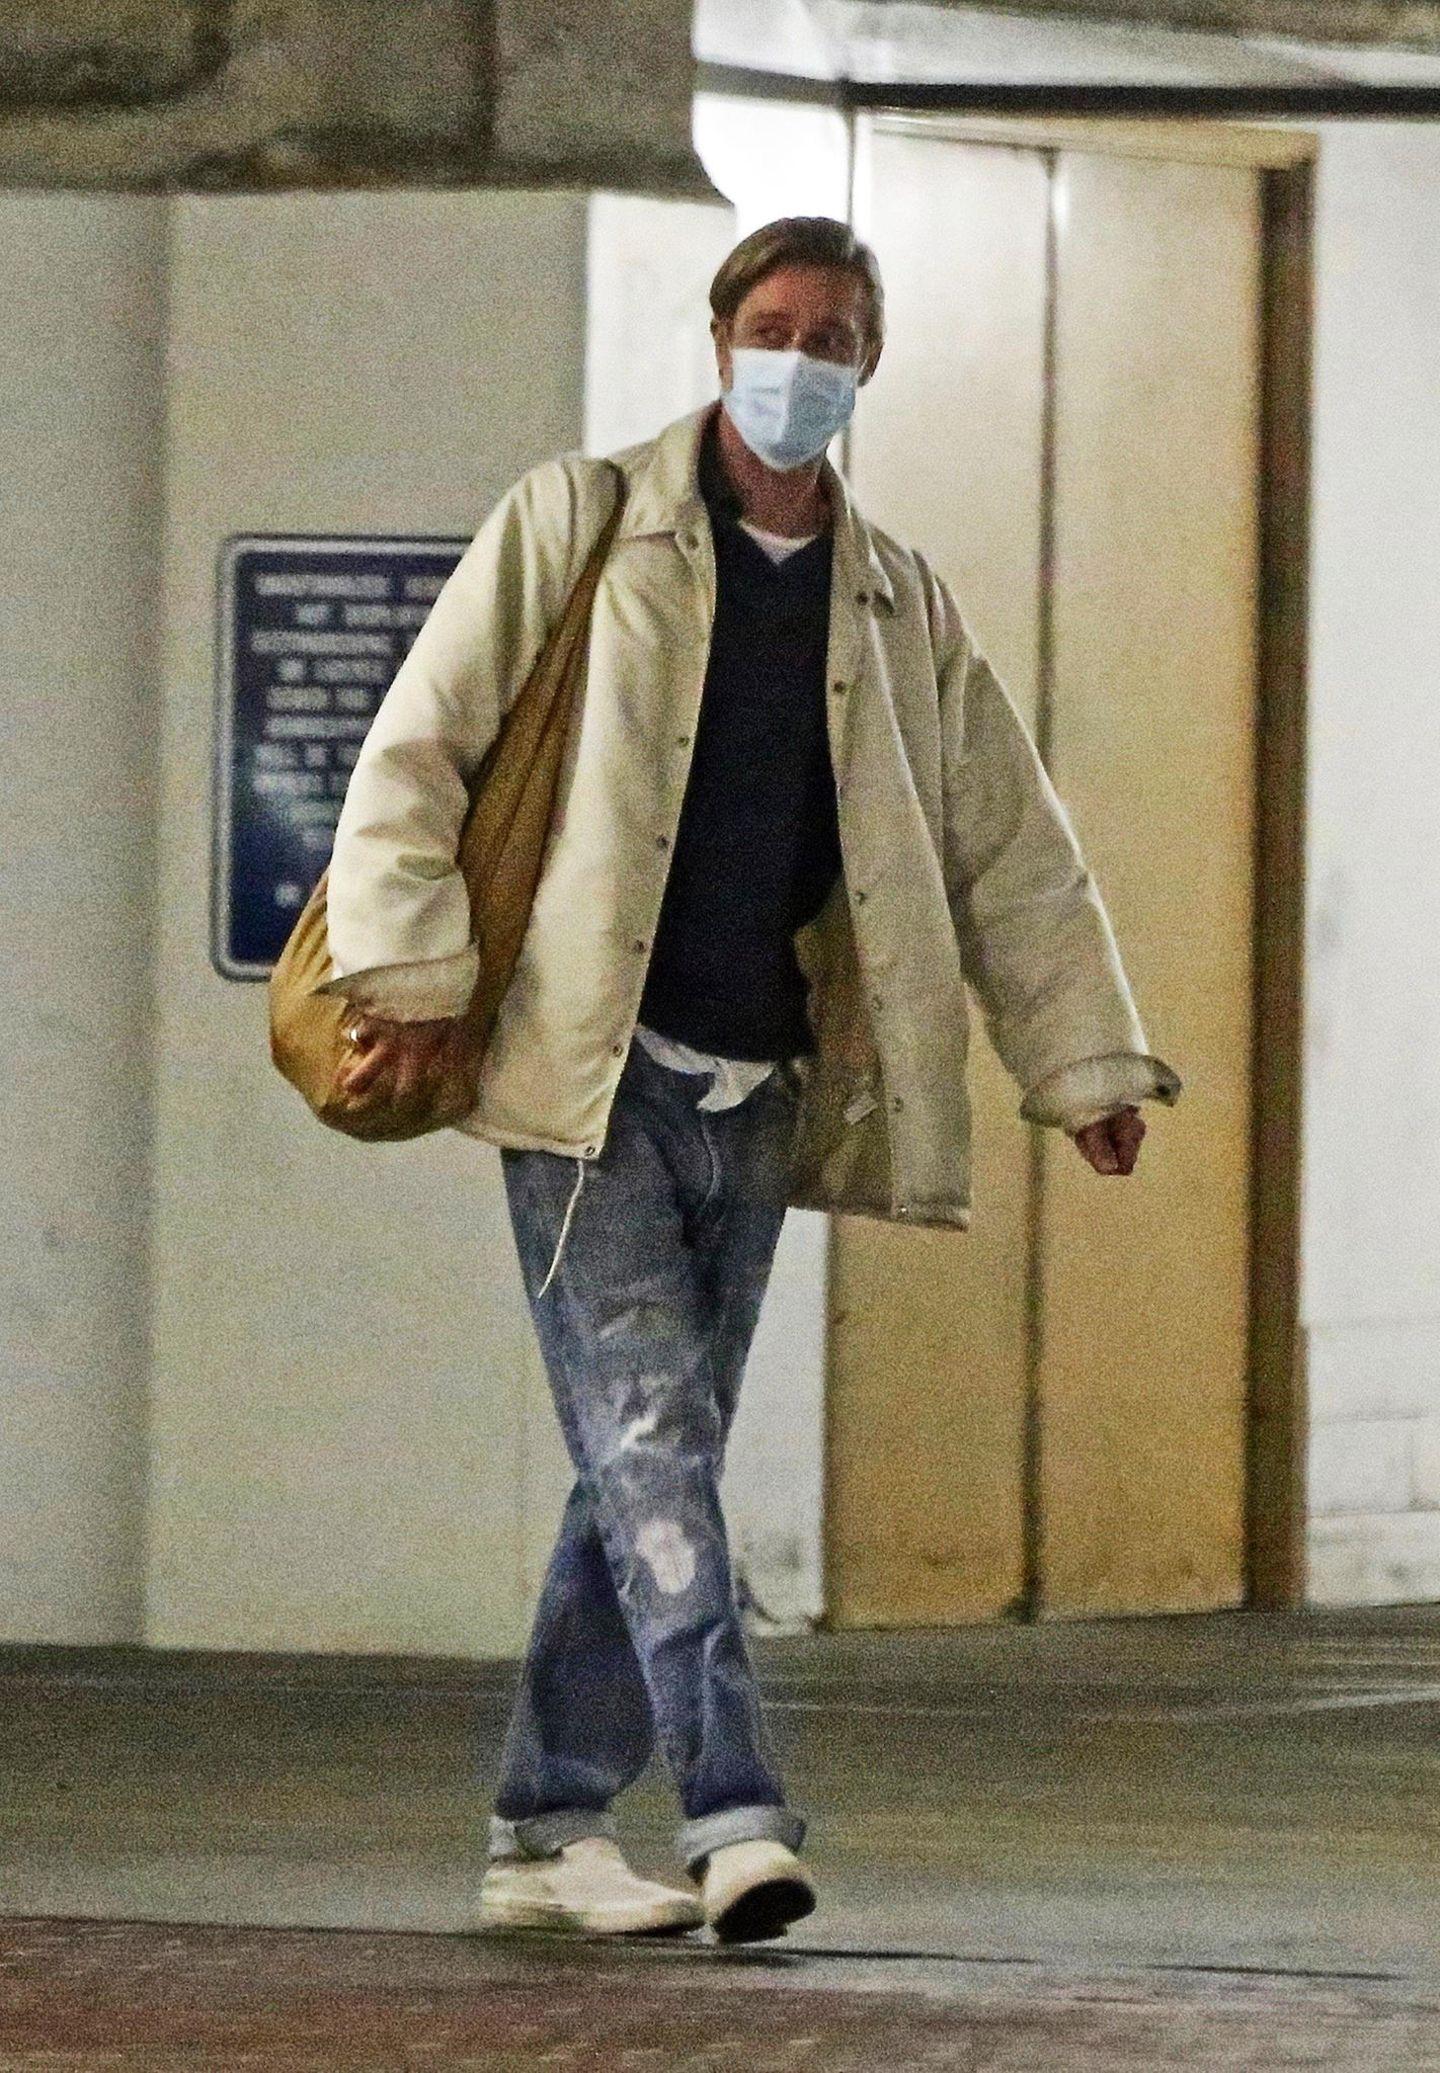 24. Februar 2021  Lange hat man Brad Pitt nicht mehr wirklich in der Öffentlichkeit gesehen. Die neuesten Bilder des Hollywood-Stars zeigen aber, dass er immer noch genau so lässig und entspannt unterwegs ist, wie schon zum Beginn seiner Karriere. Mit kleinem Pferdeschwanz und zerrissener Jeans verlässt er gut gelaunt ein Bürogebäude in Beverly Hills.